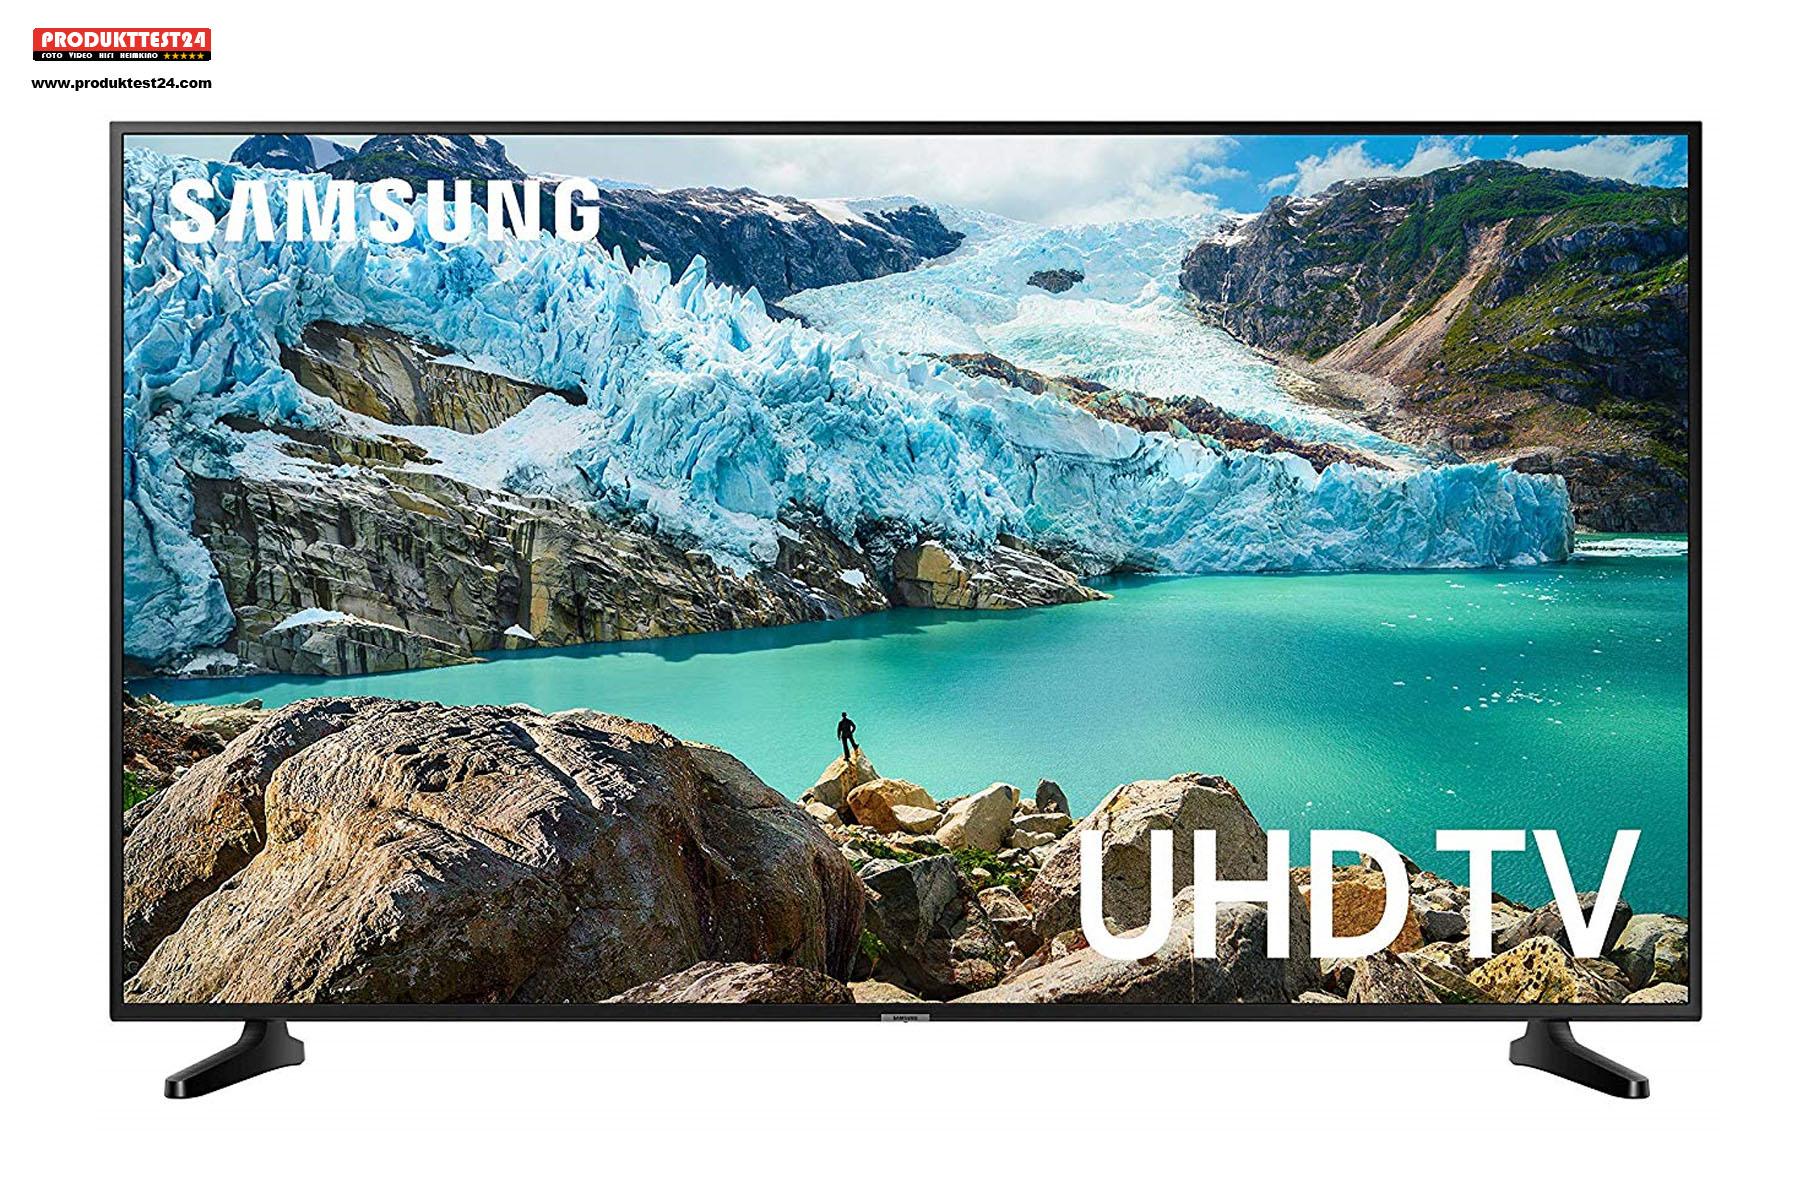 55 Zoll Bilddiagonale und unterstützt HDR10+